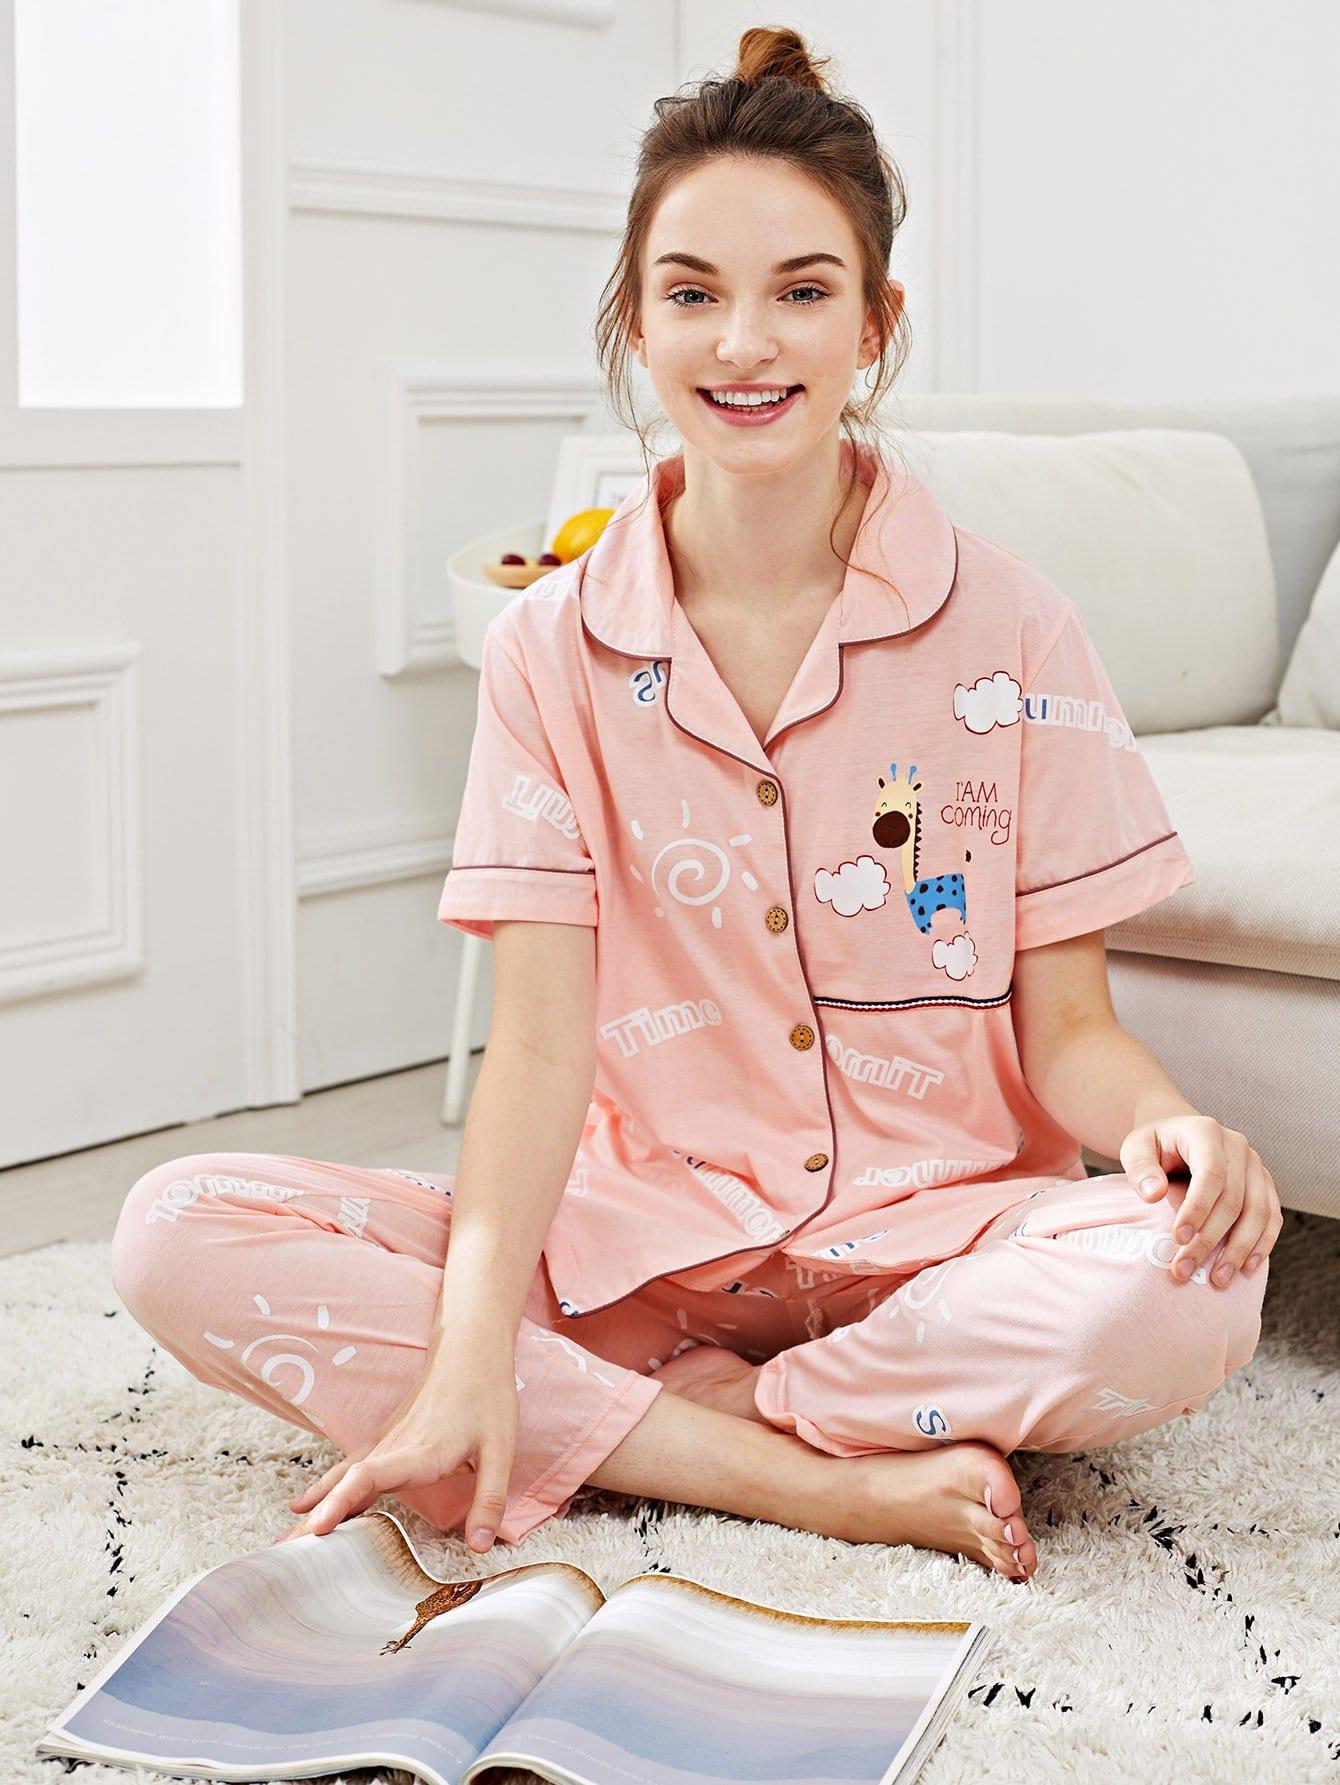 Купить Набор пижамы с рисунками жирафа и букв и с украшением пуговиц, Tory, SheIn